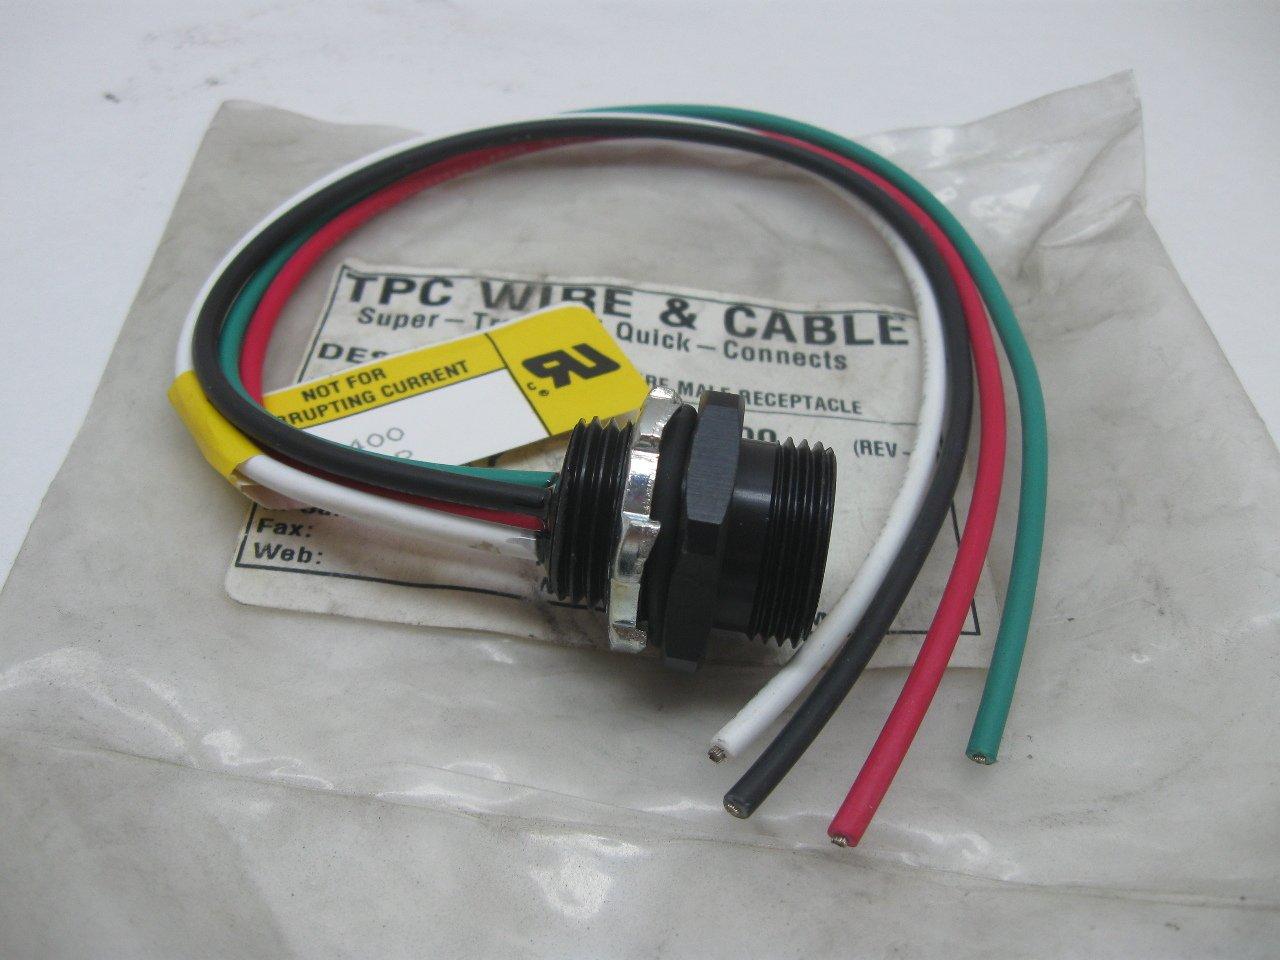 TPC 84400 Wire & Cable Super-Trex Mini Quick Connects 4 Wire Male ...